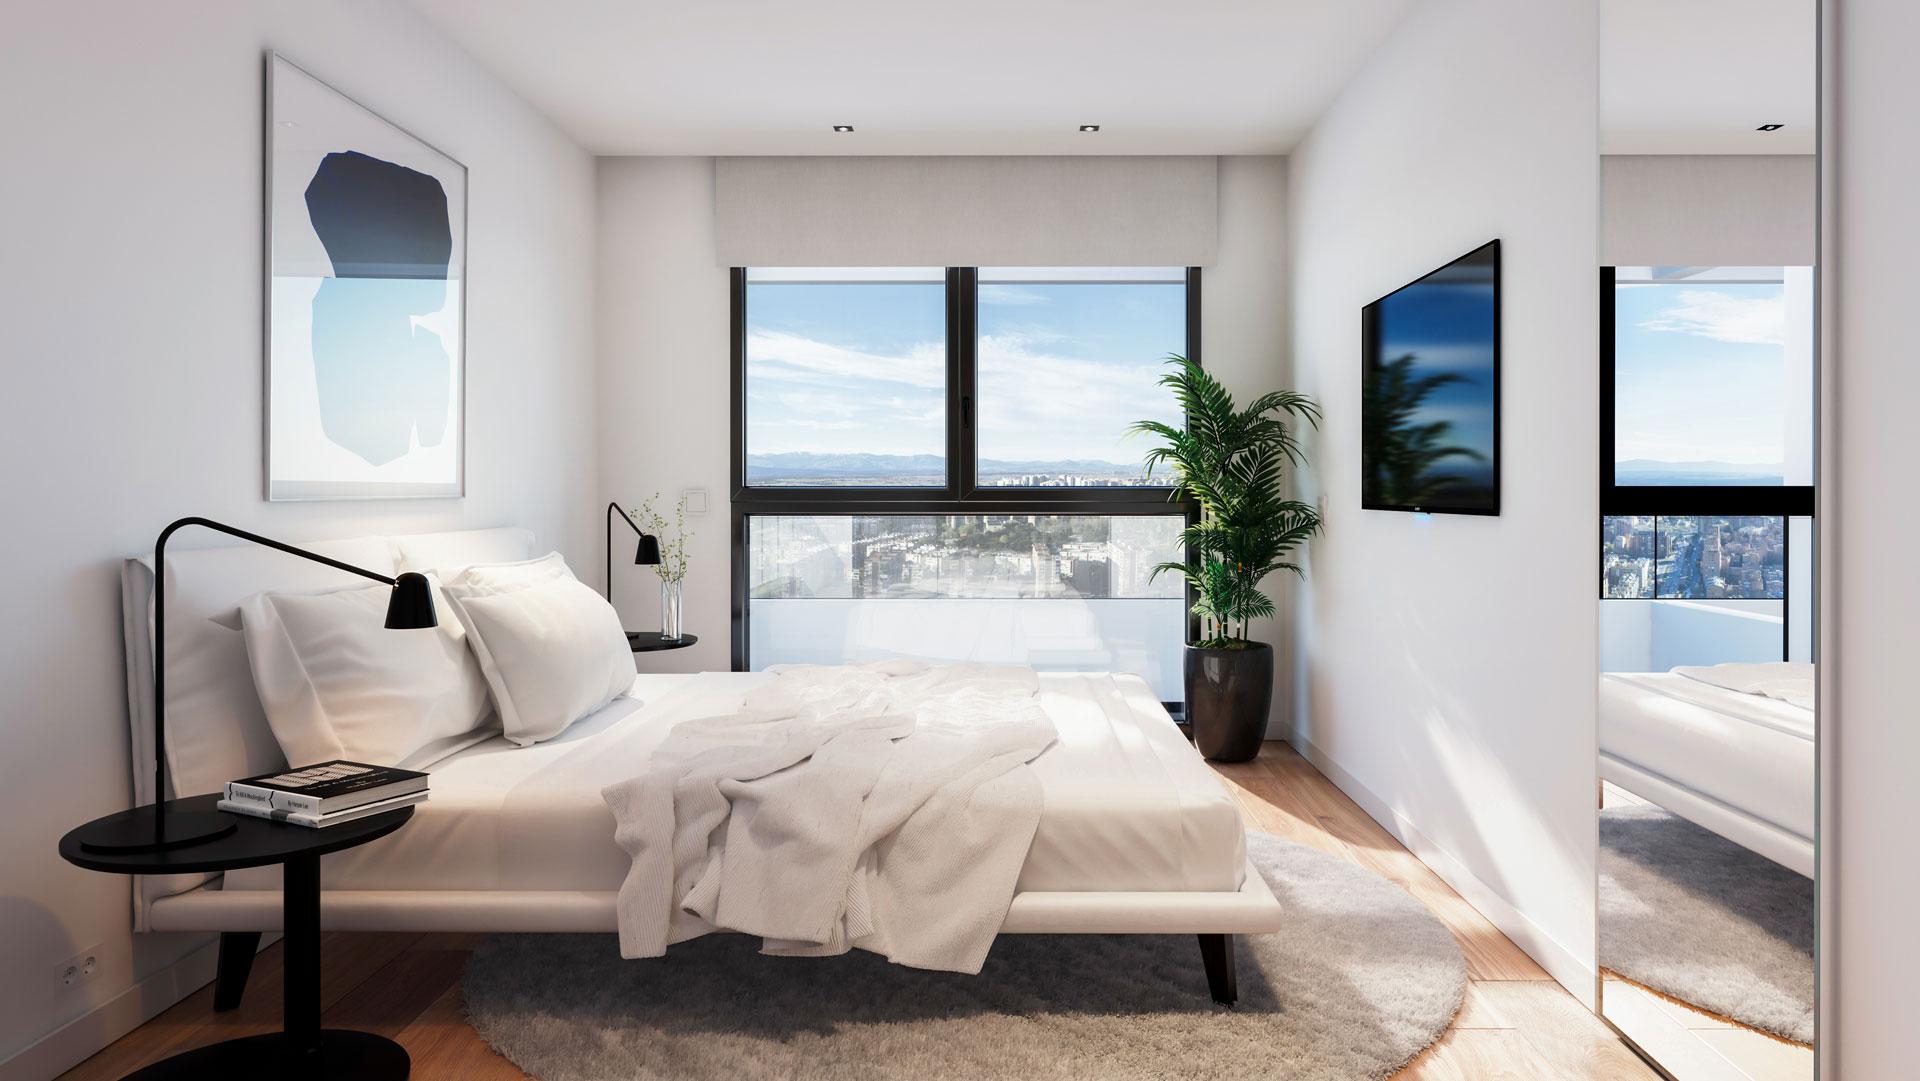 Dormitorio principal vivienda 3 dormitorios con vistas hacia el sur.